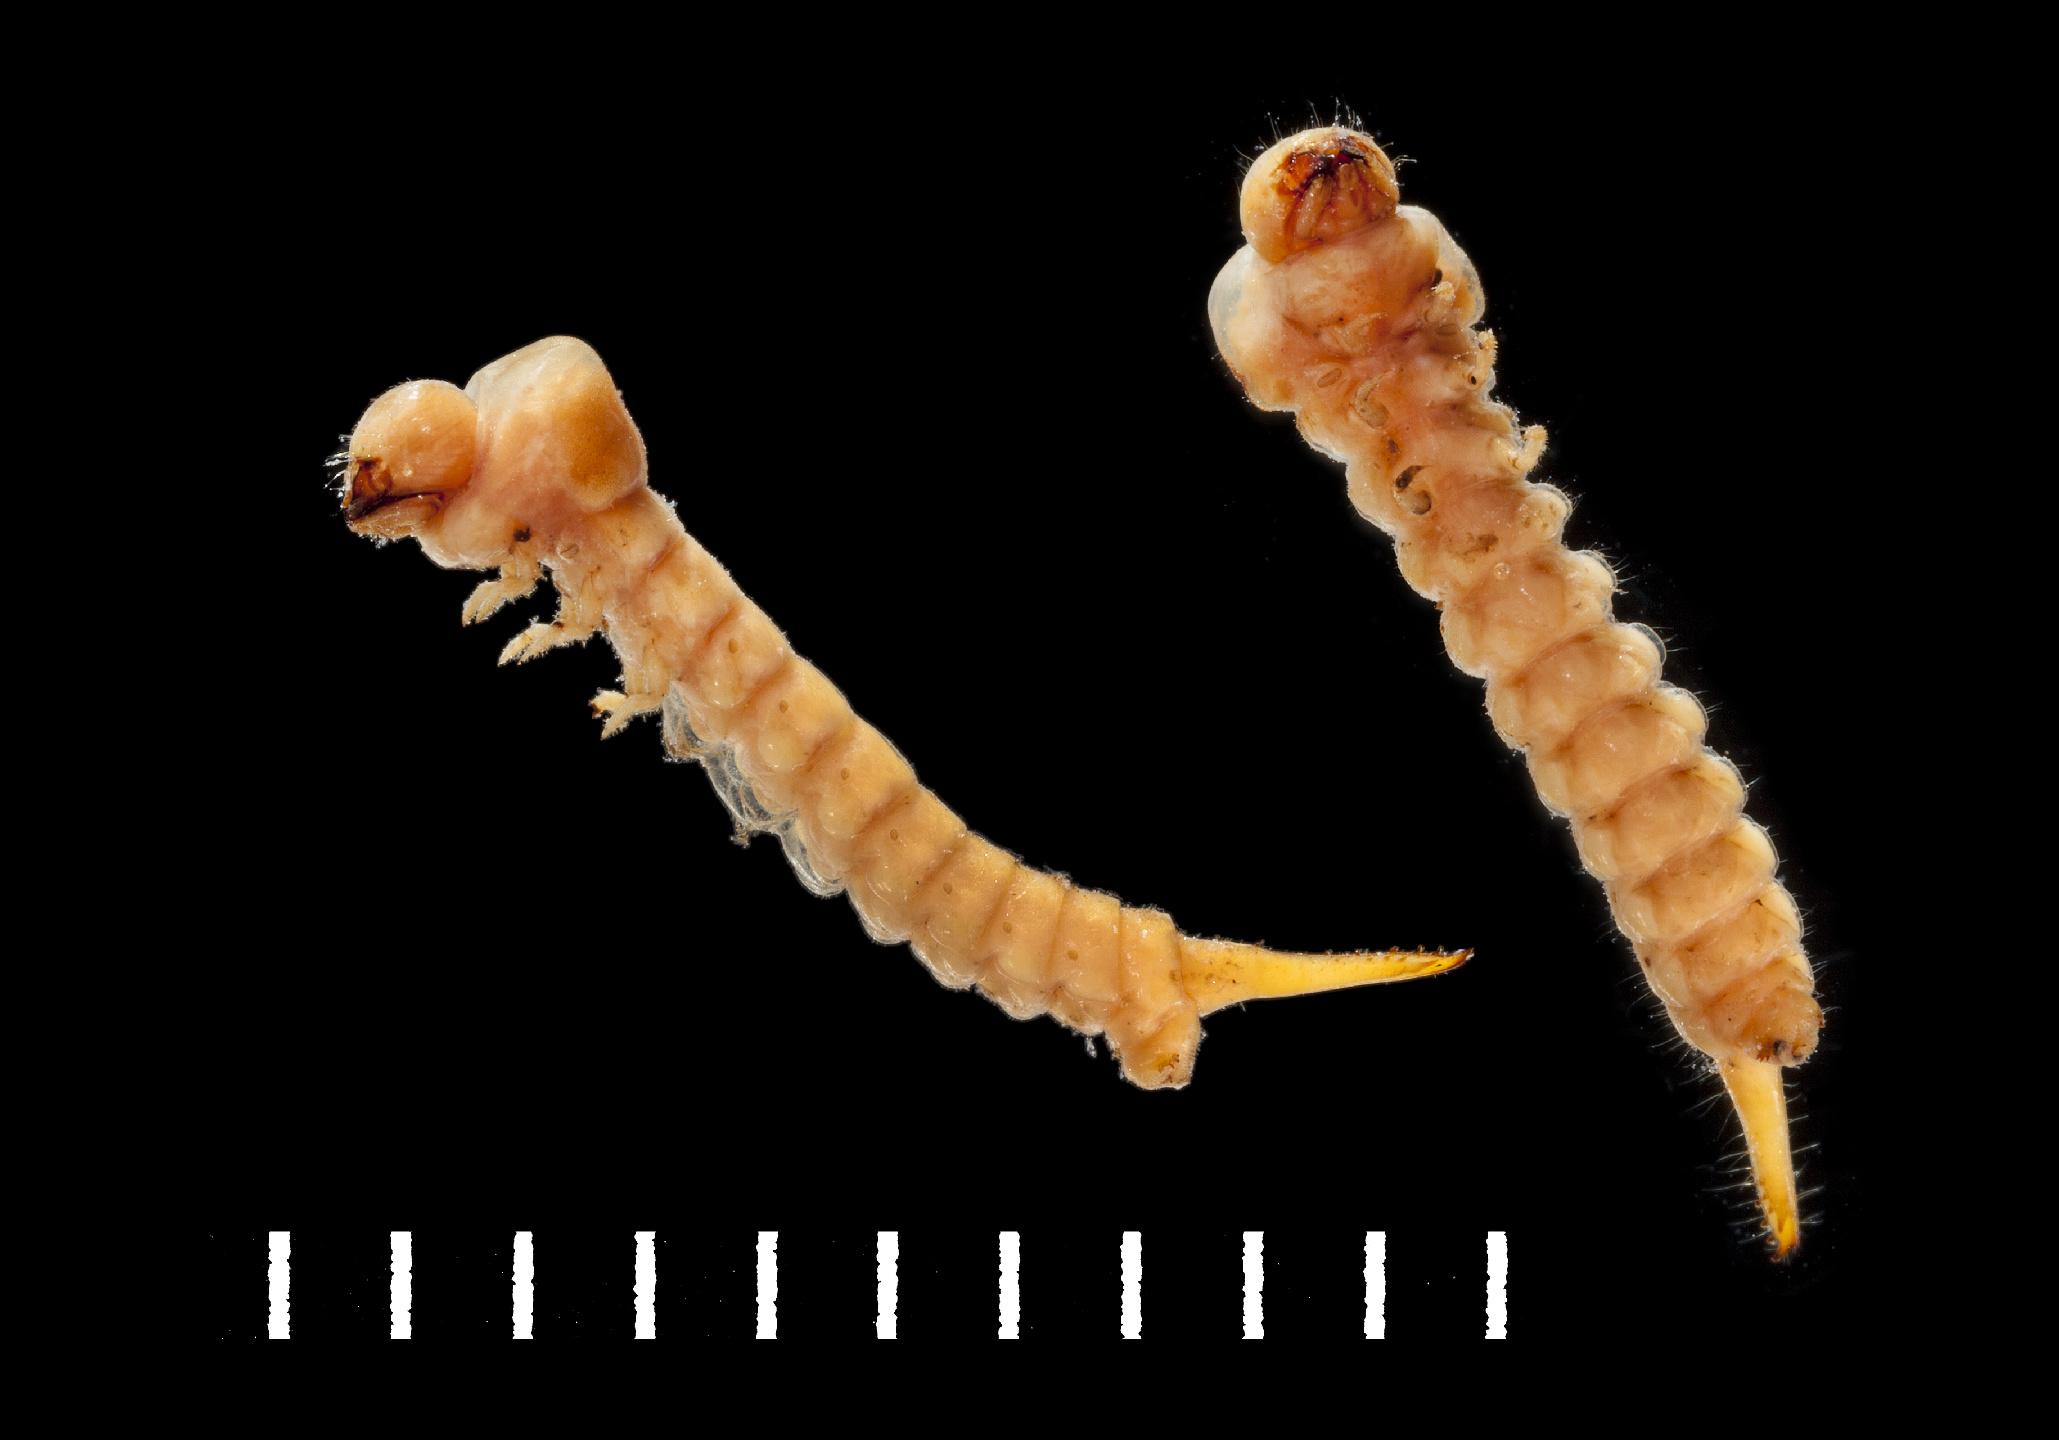 Hylecoetus dermestoides larva